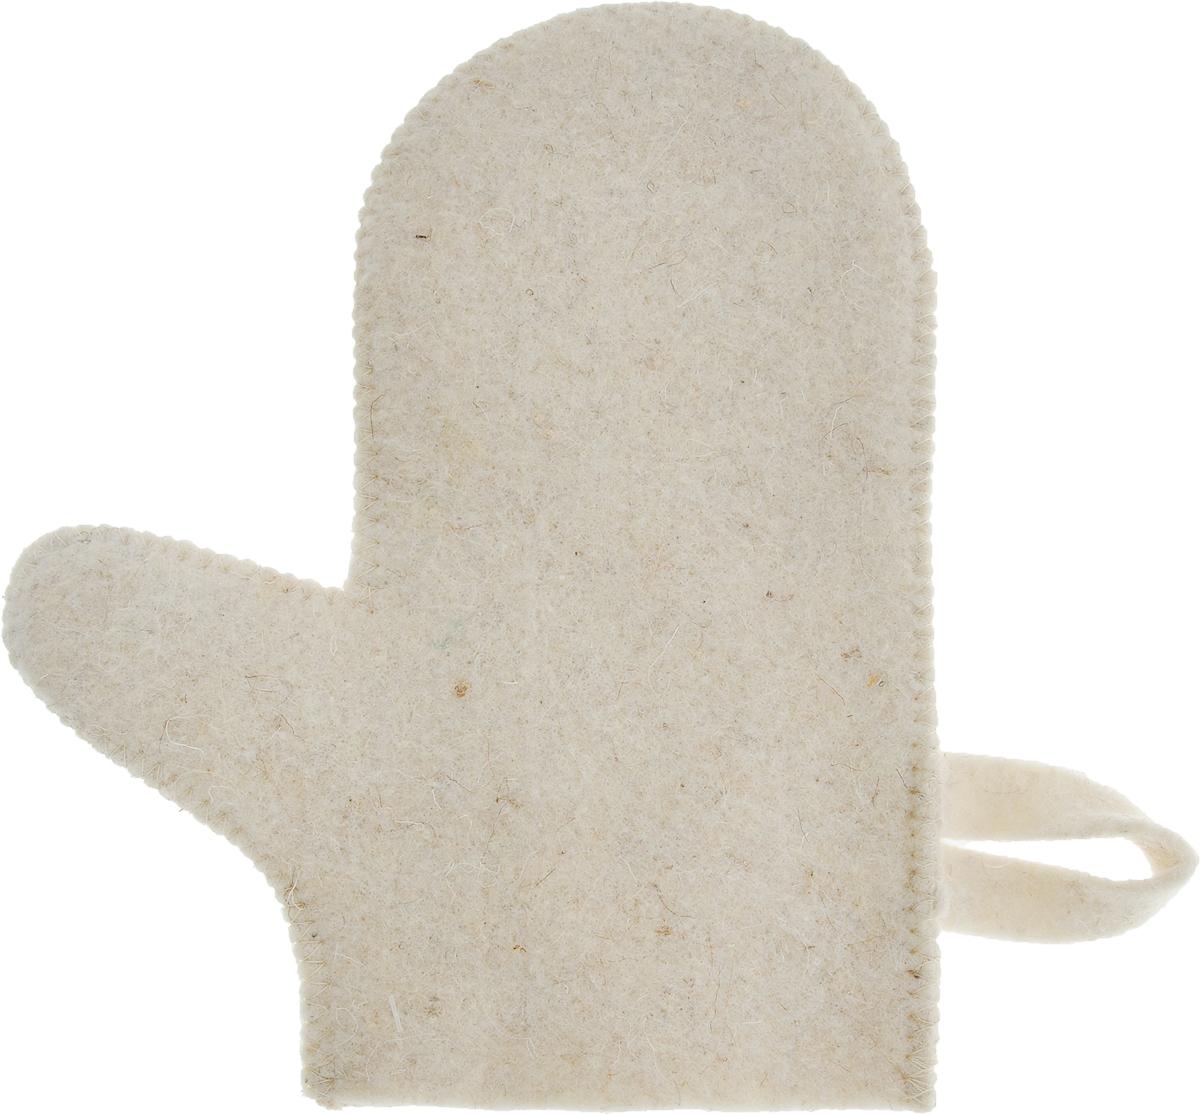 Рукавица для бани и сауны Prime Sauna6.295-875.0Рукавица Главбаня Prime Sauna, изготовленная из войлока, - незаменимый банный атрибут. Изделие оснащено петелькой для подвешивания на крючок. Такая рукавица защищает руки от горячего пара, делает комфортным пребывание в парной. Также ею можно прекрасно промассировать тело.Размер: 26 х 21,5 см.Материал: войлок (80% шерсть, 20% лавсан).